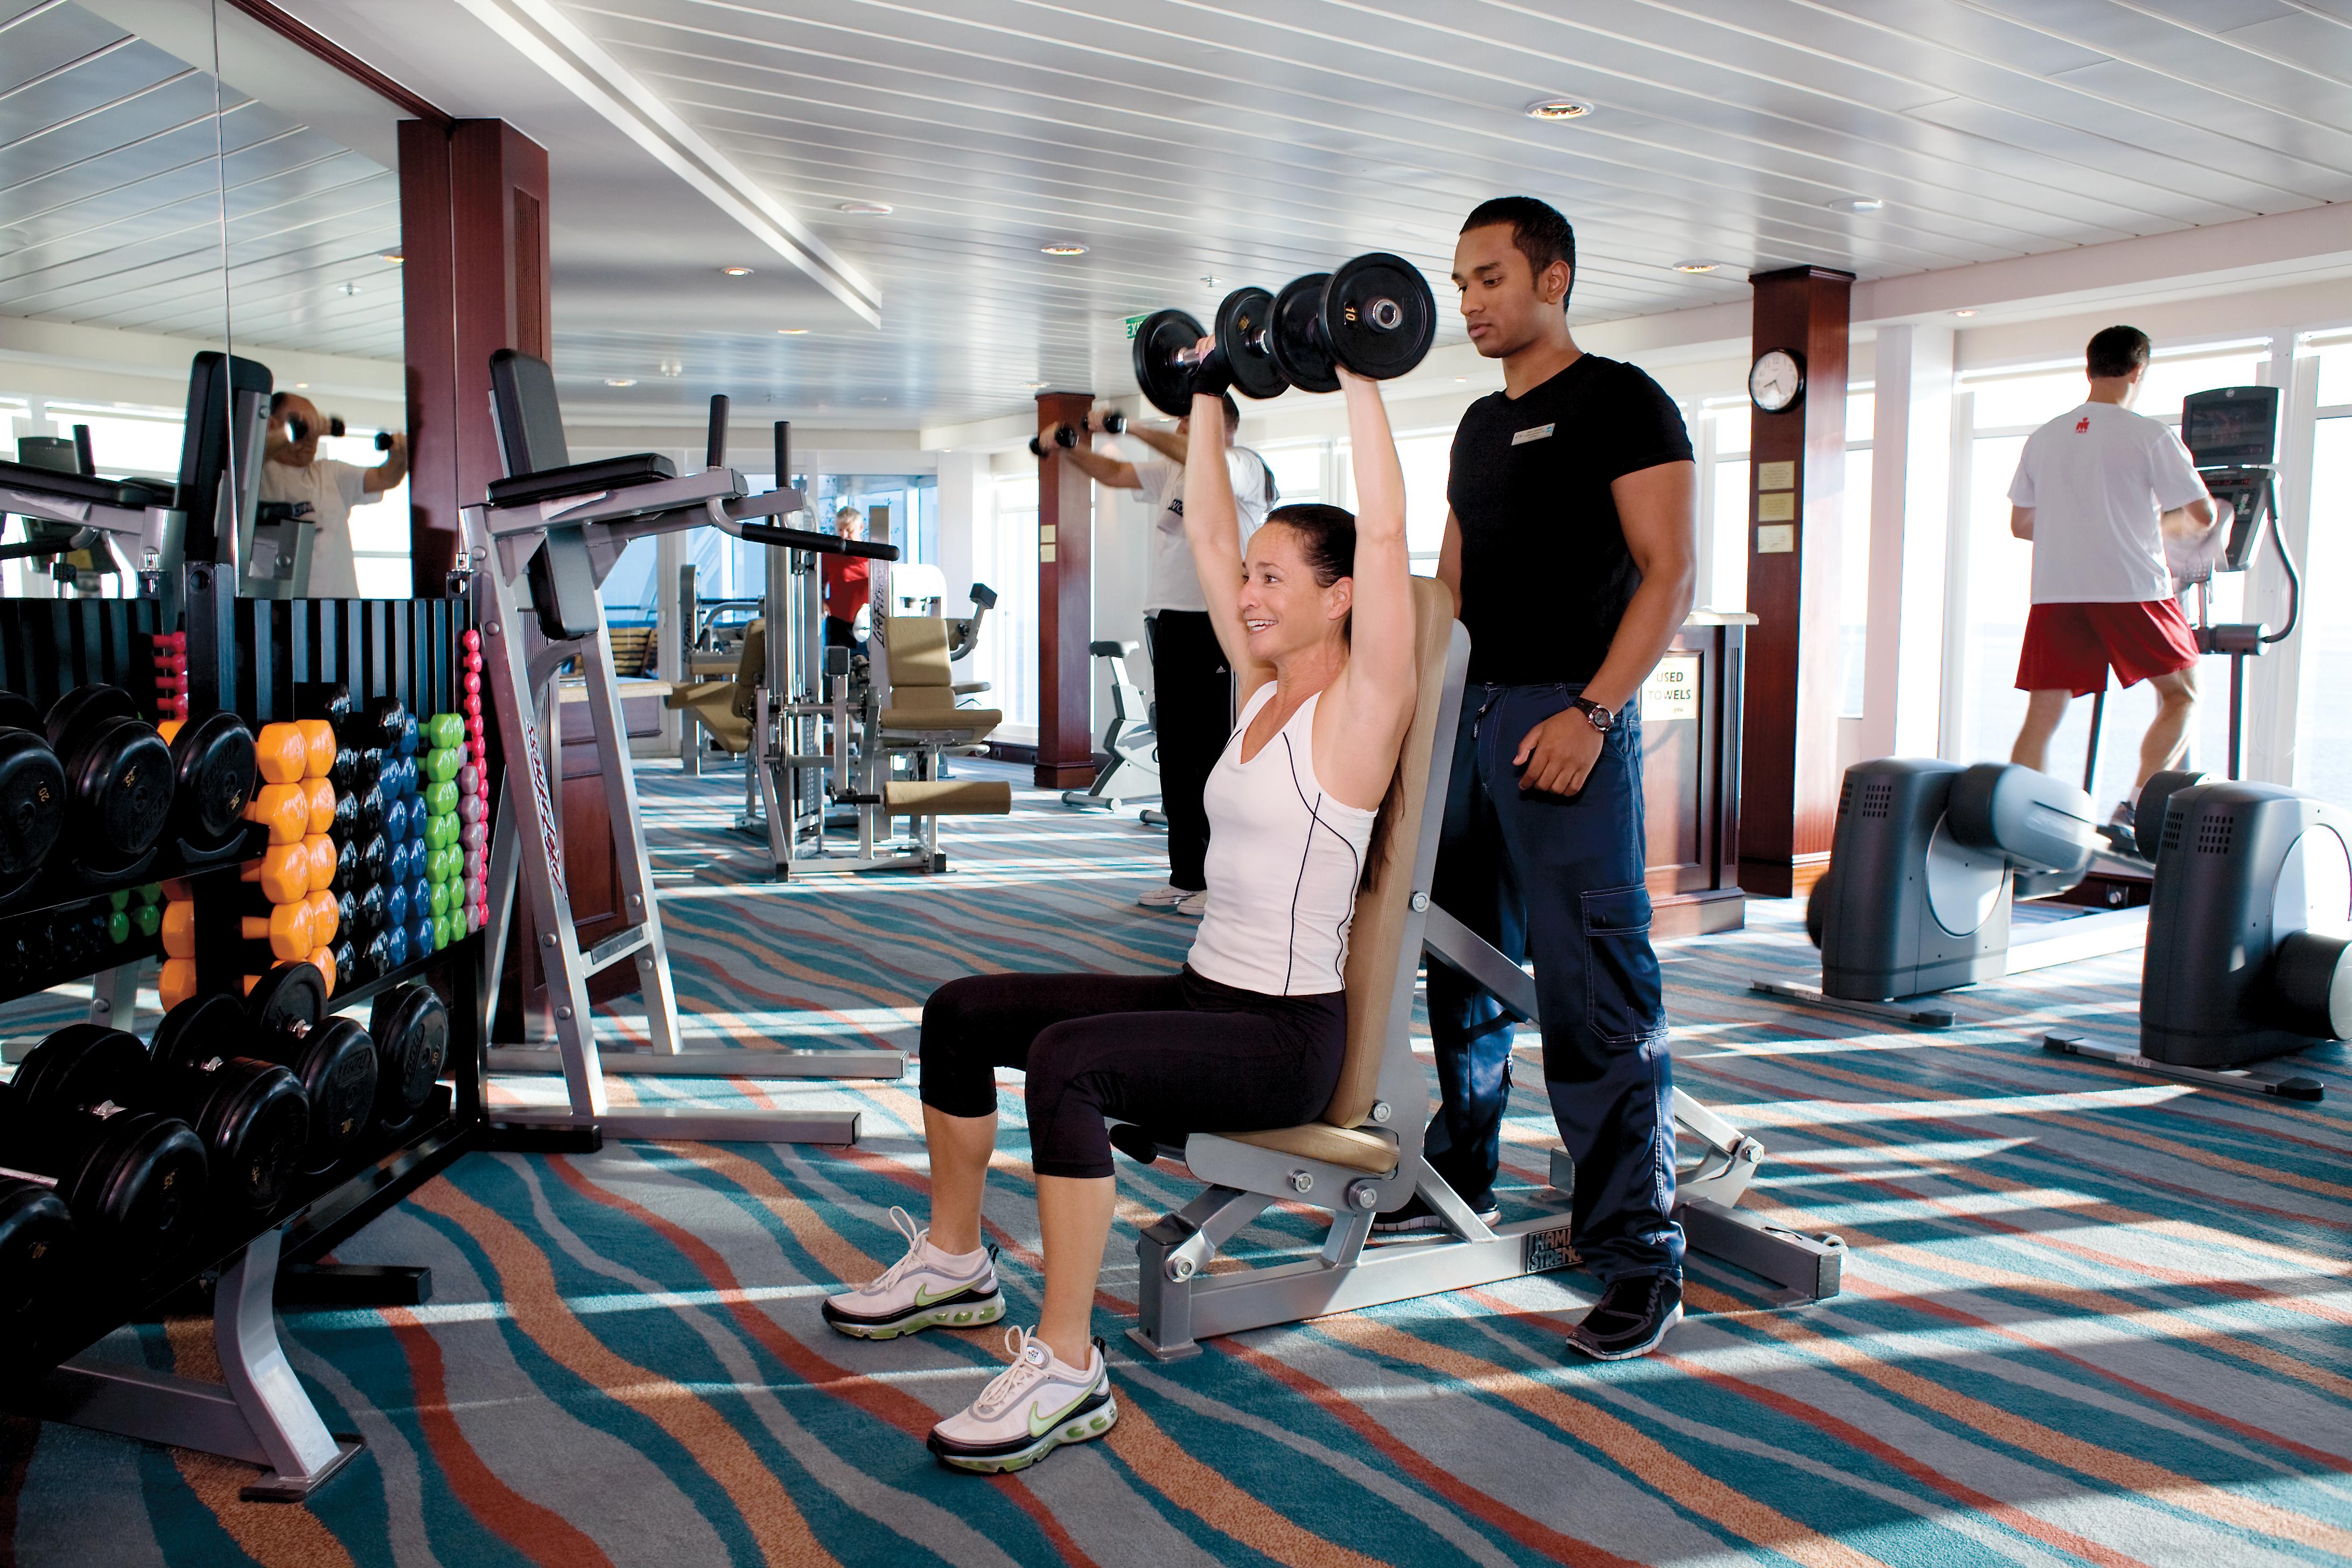 azamara club cruises gym 2013.jpg